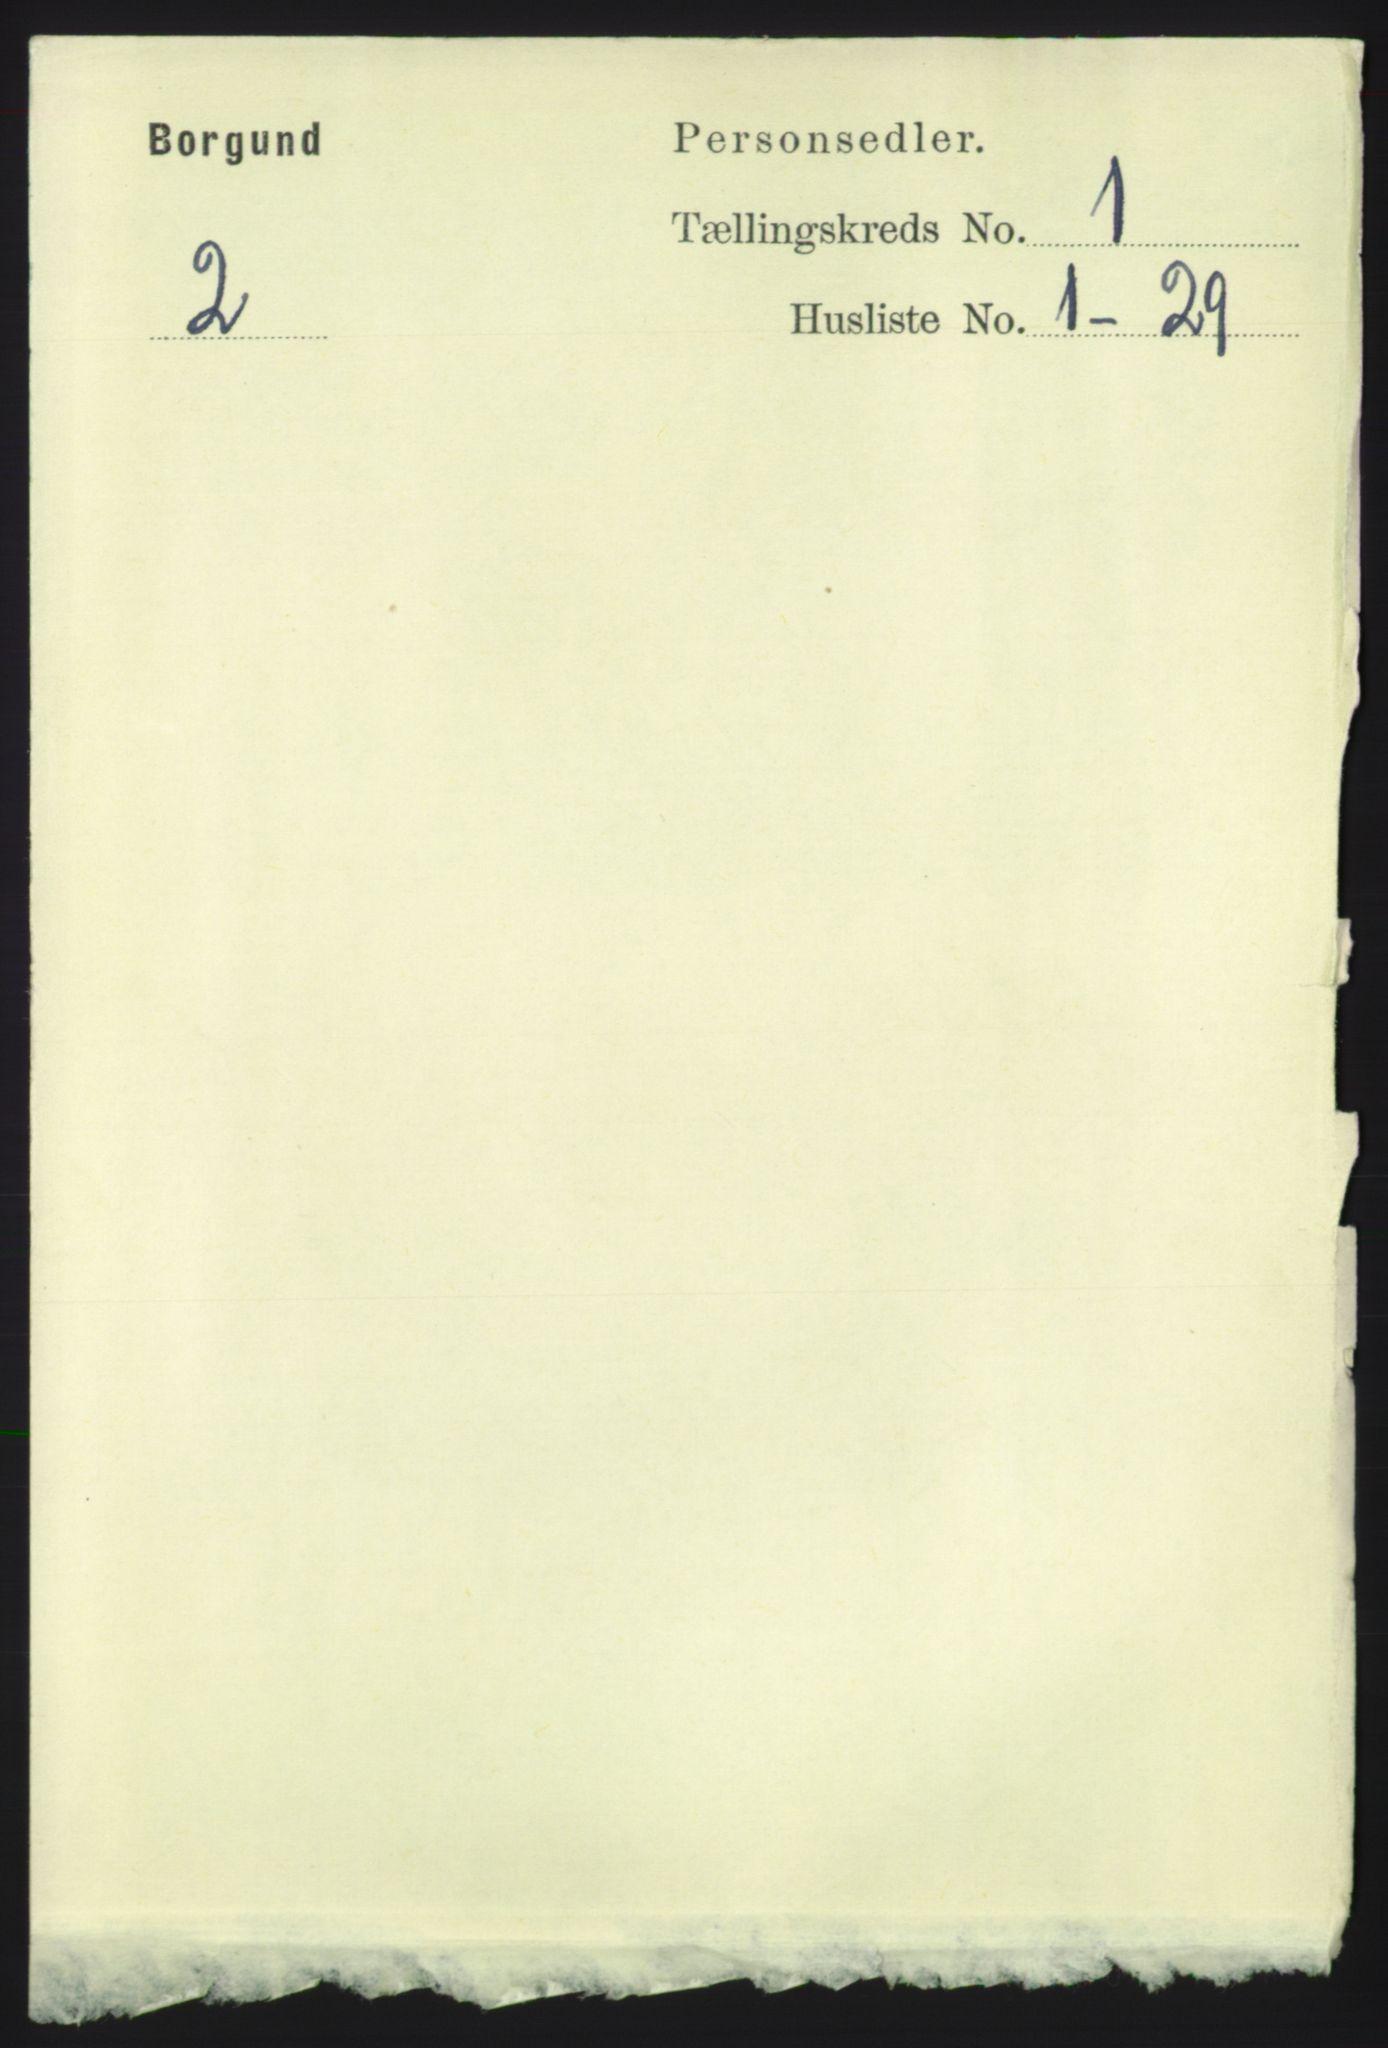 RA, Folketelling 1891 for 1531 Borgund herred, 1891, s. 118